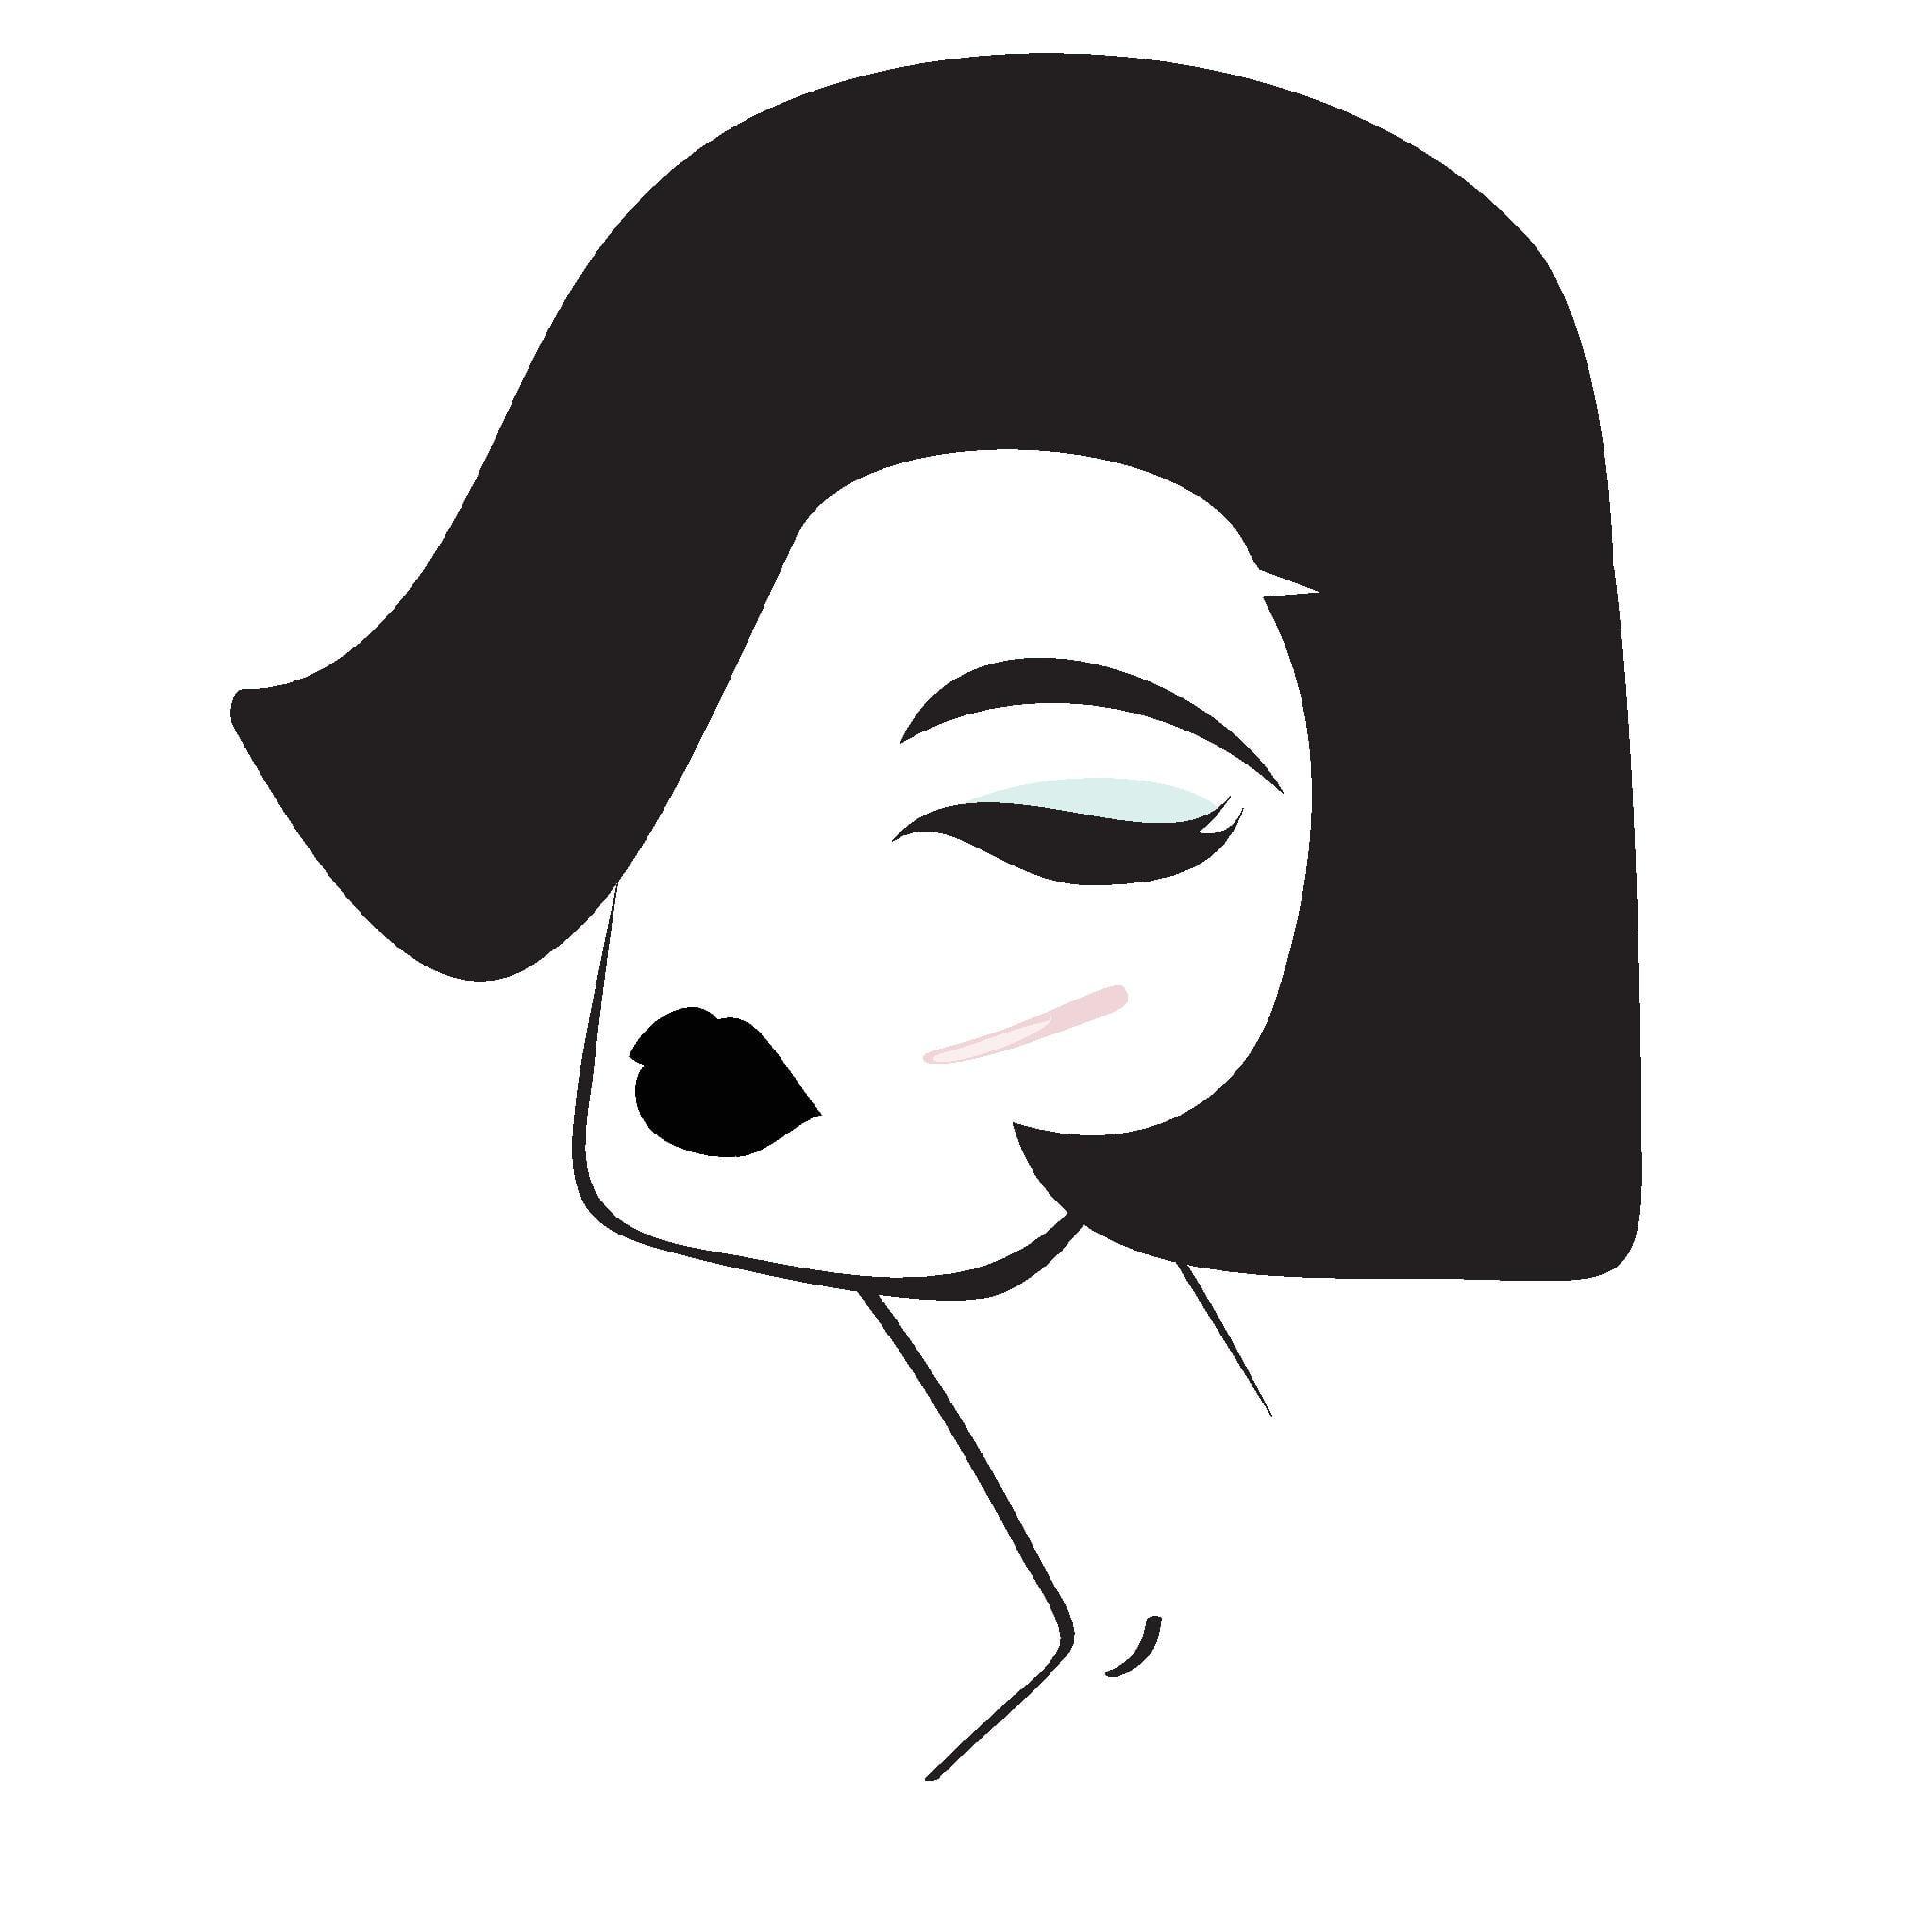 שעווה מריטת שיער פנים<לא כולל גבות שפם>  54 שח לטיפול כרטיסיית 6 טיפולים